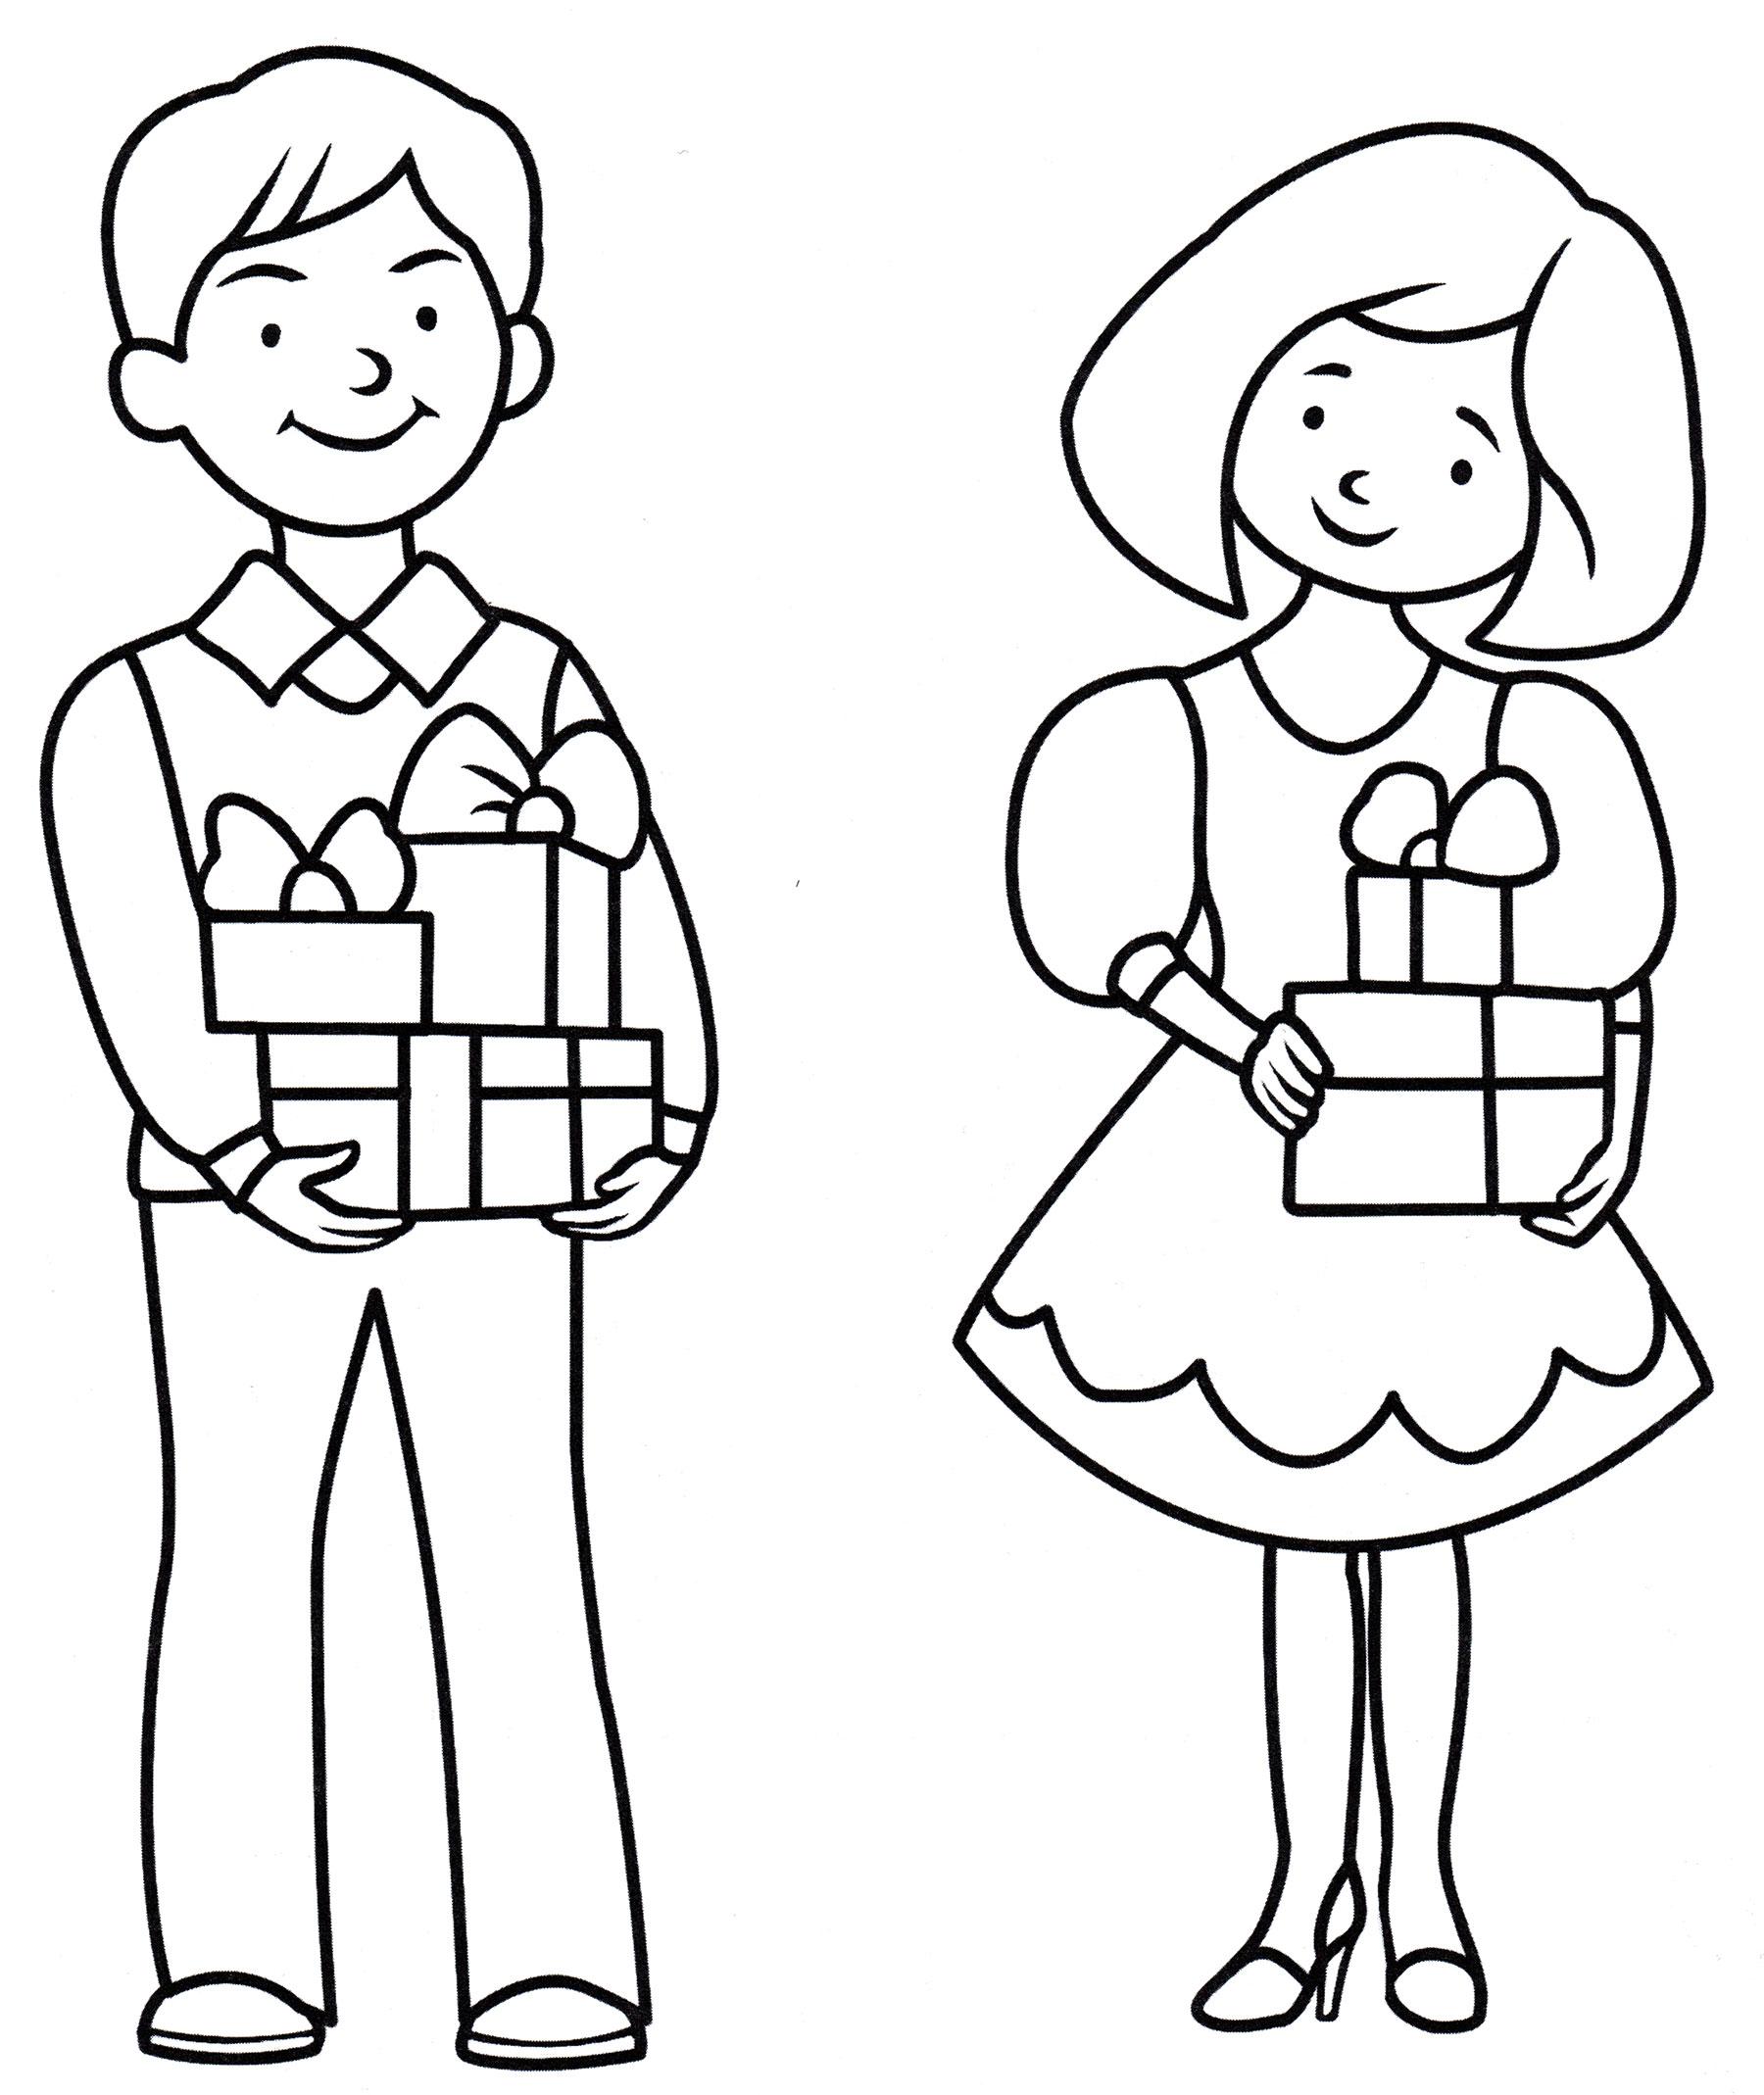 Раскраска Родители с подарками - распечатать бесплатно